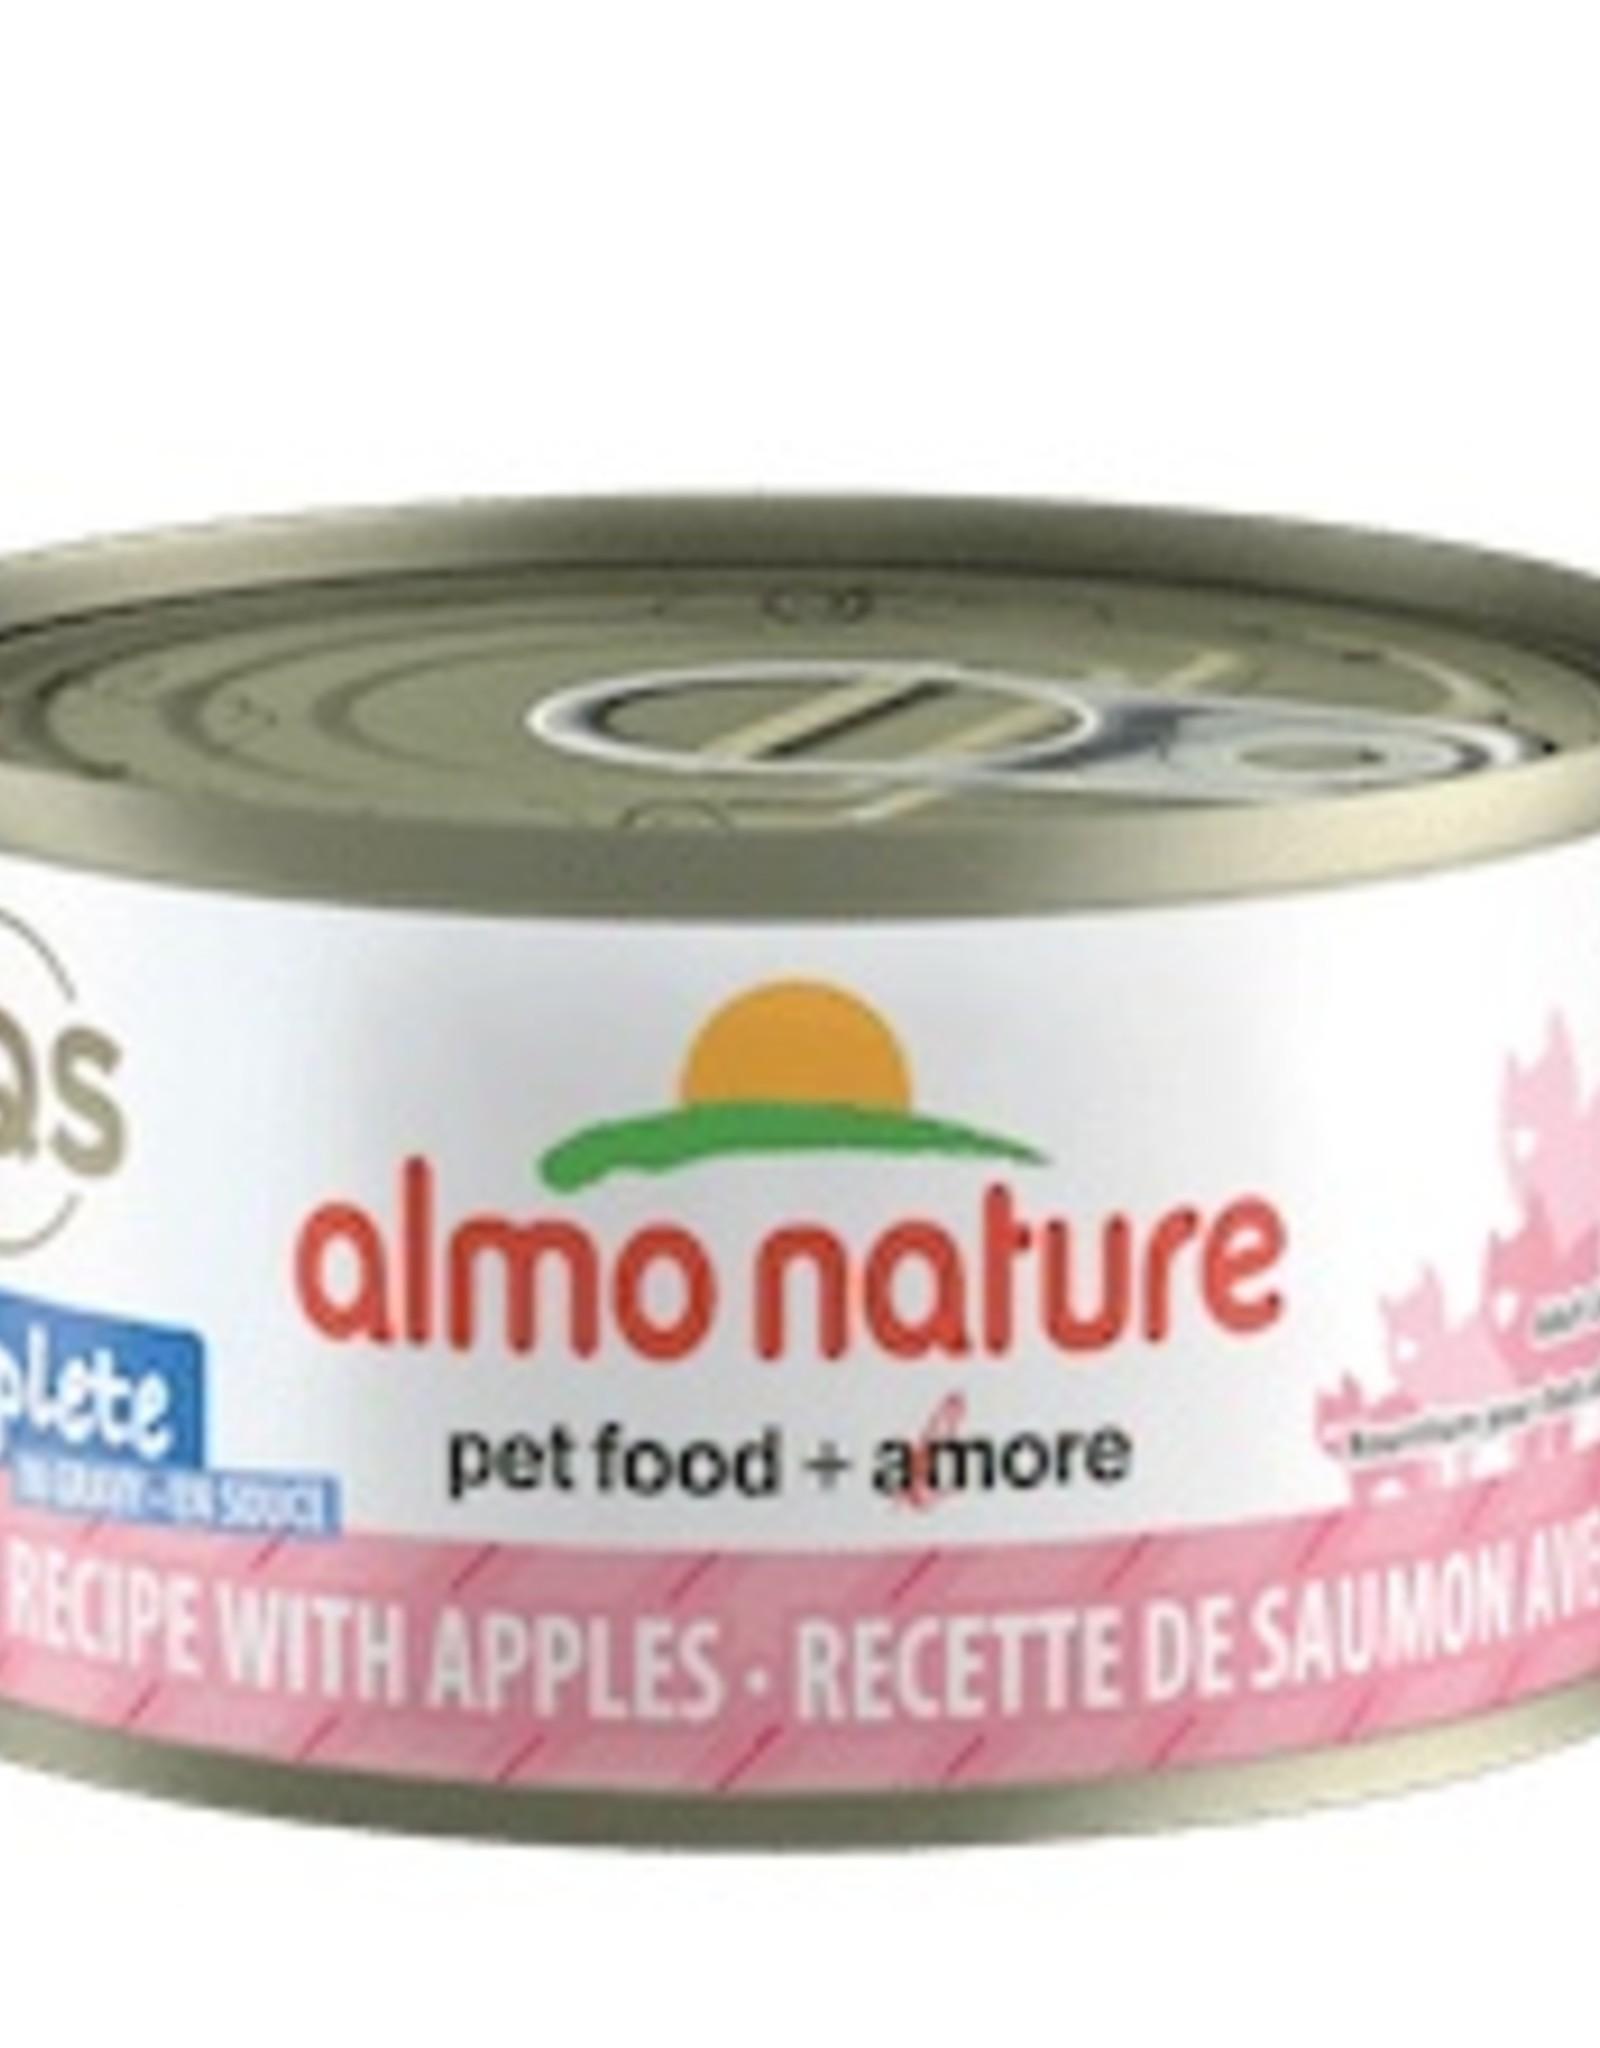 Almo Nature Almo Nature Salmon & Apple 2.47oz